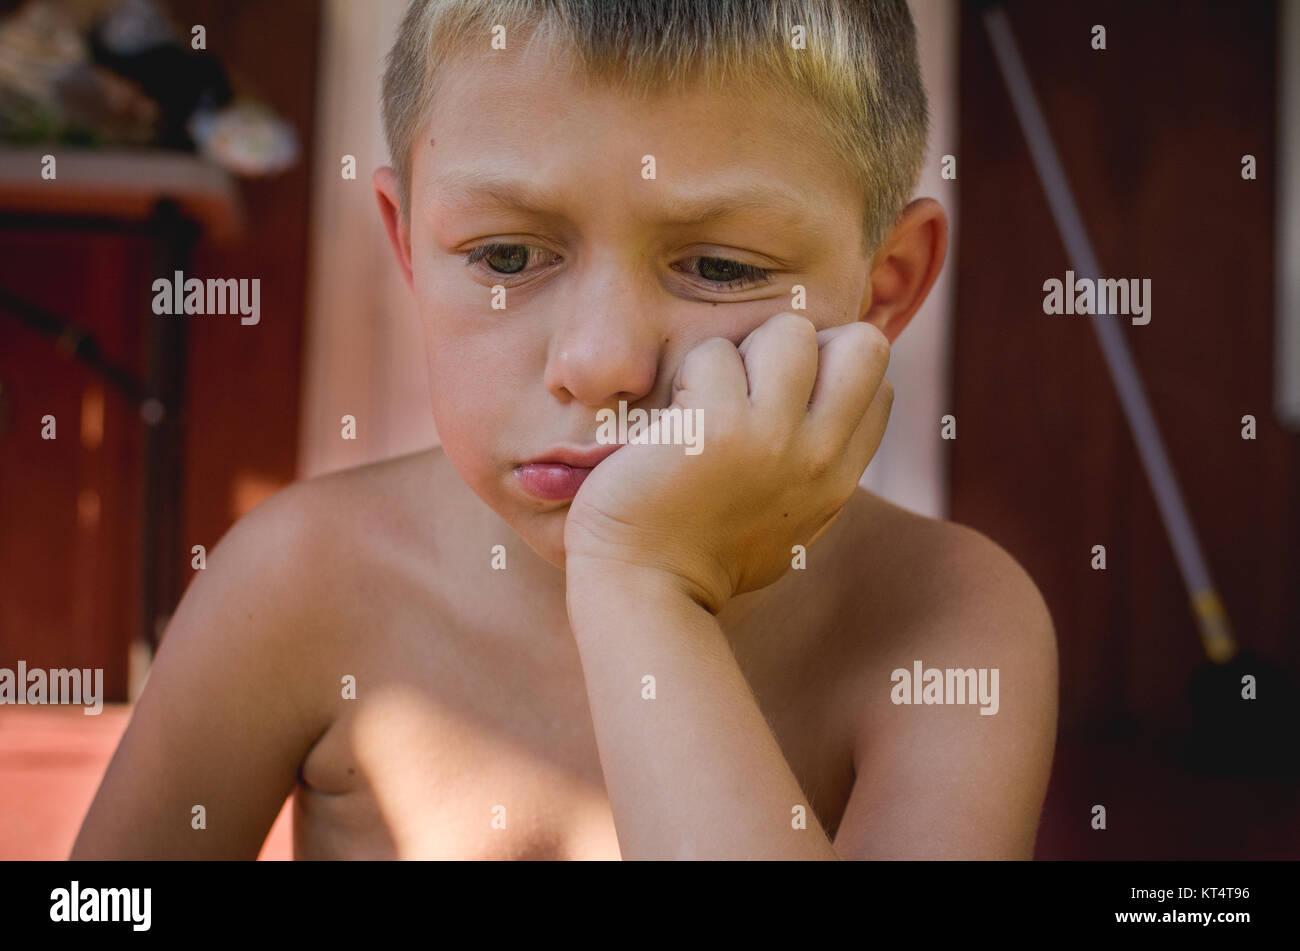 Ein Junge auf der Suche traurig. Stockbild